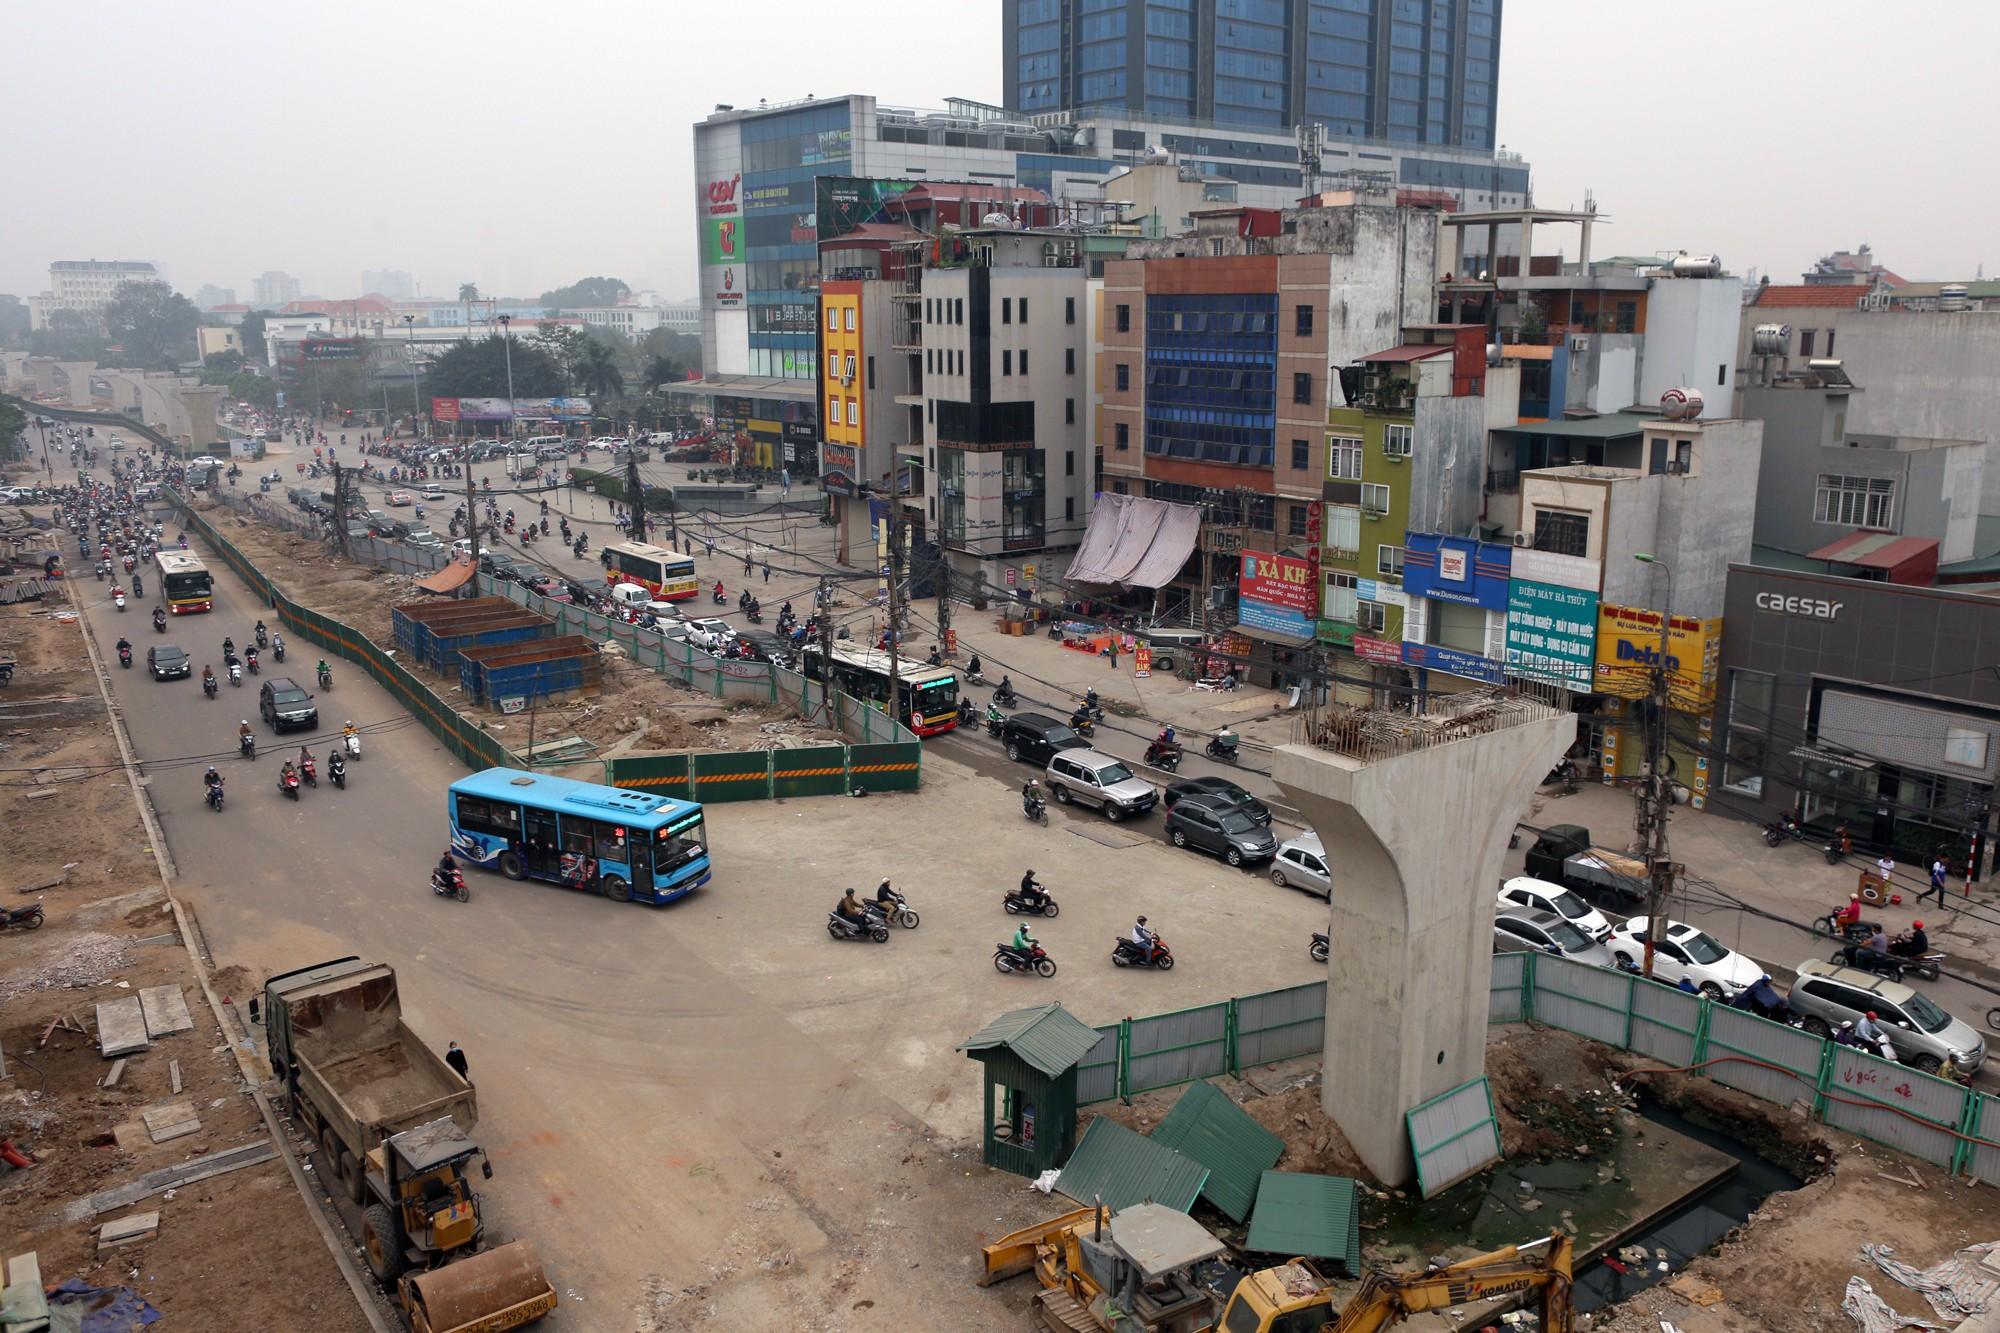 Hà Nội: Xe máy khốn khổ ở đường Trường Chinh - Ảnh 1.